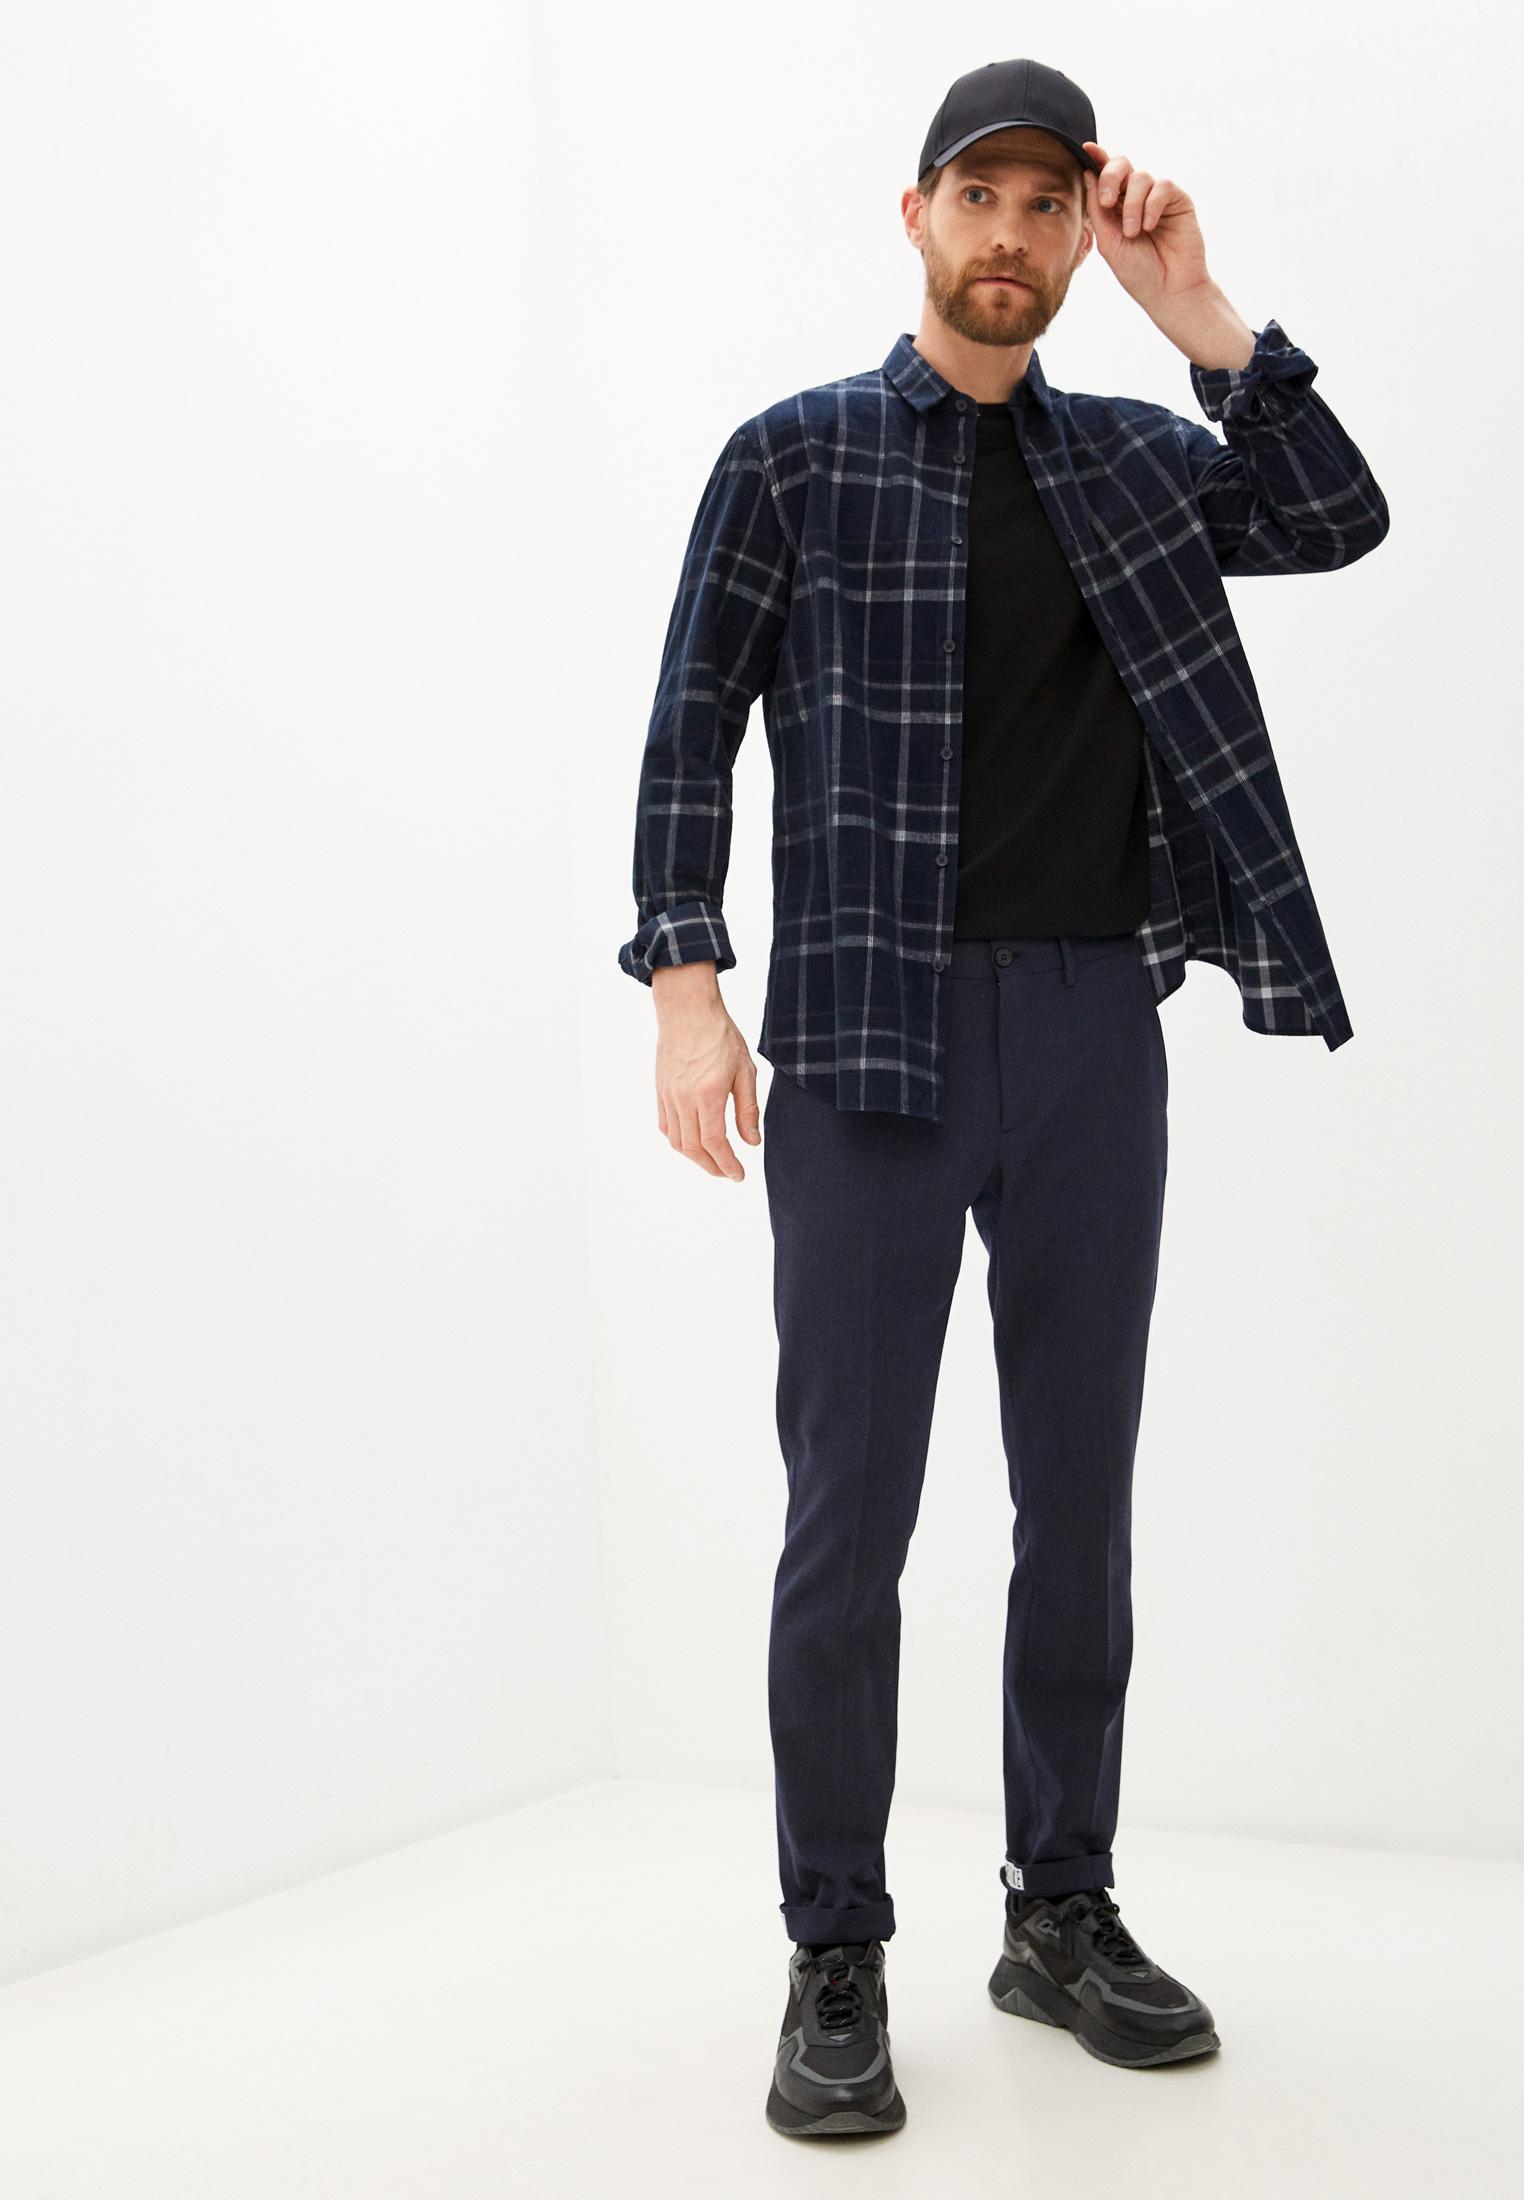 Мужские повседневные брюки Bikkembergs (Биккембергс) C P 001 00 S 3331: изображение 3